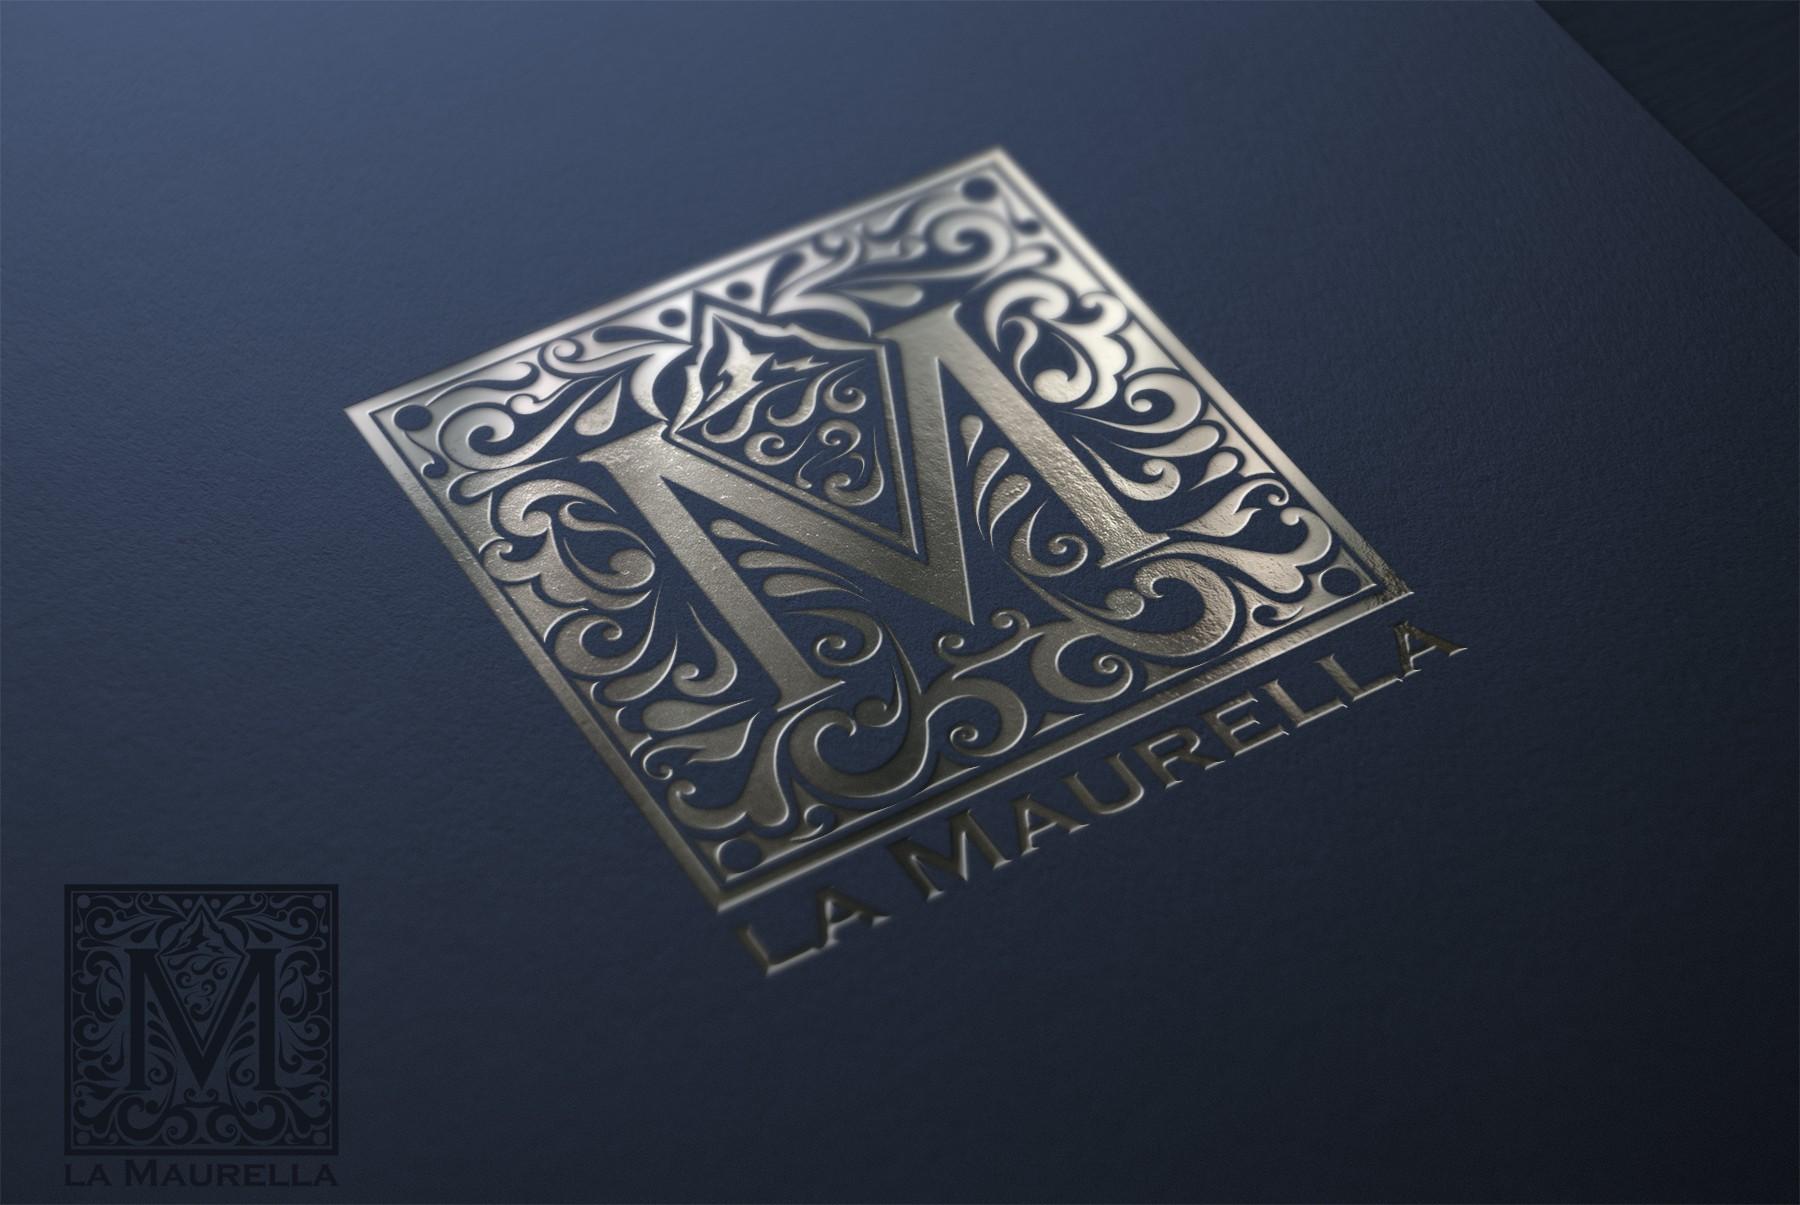 Crea il prossimo logo per La maurella